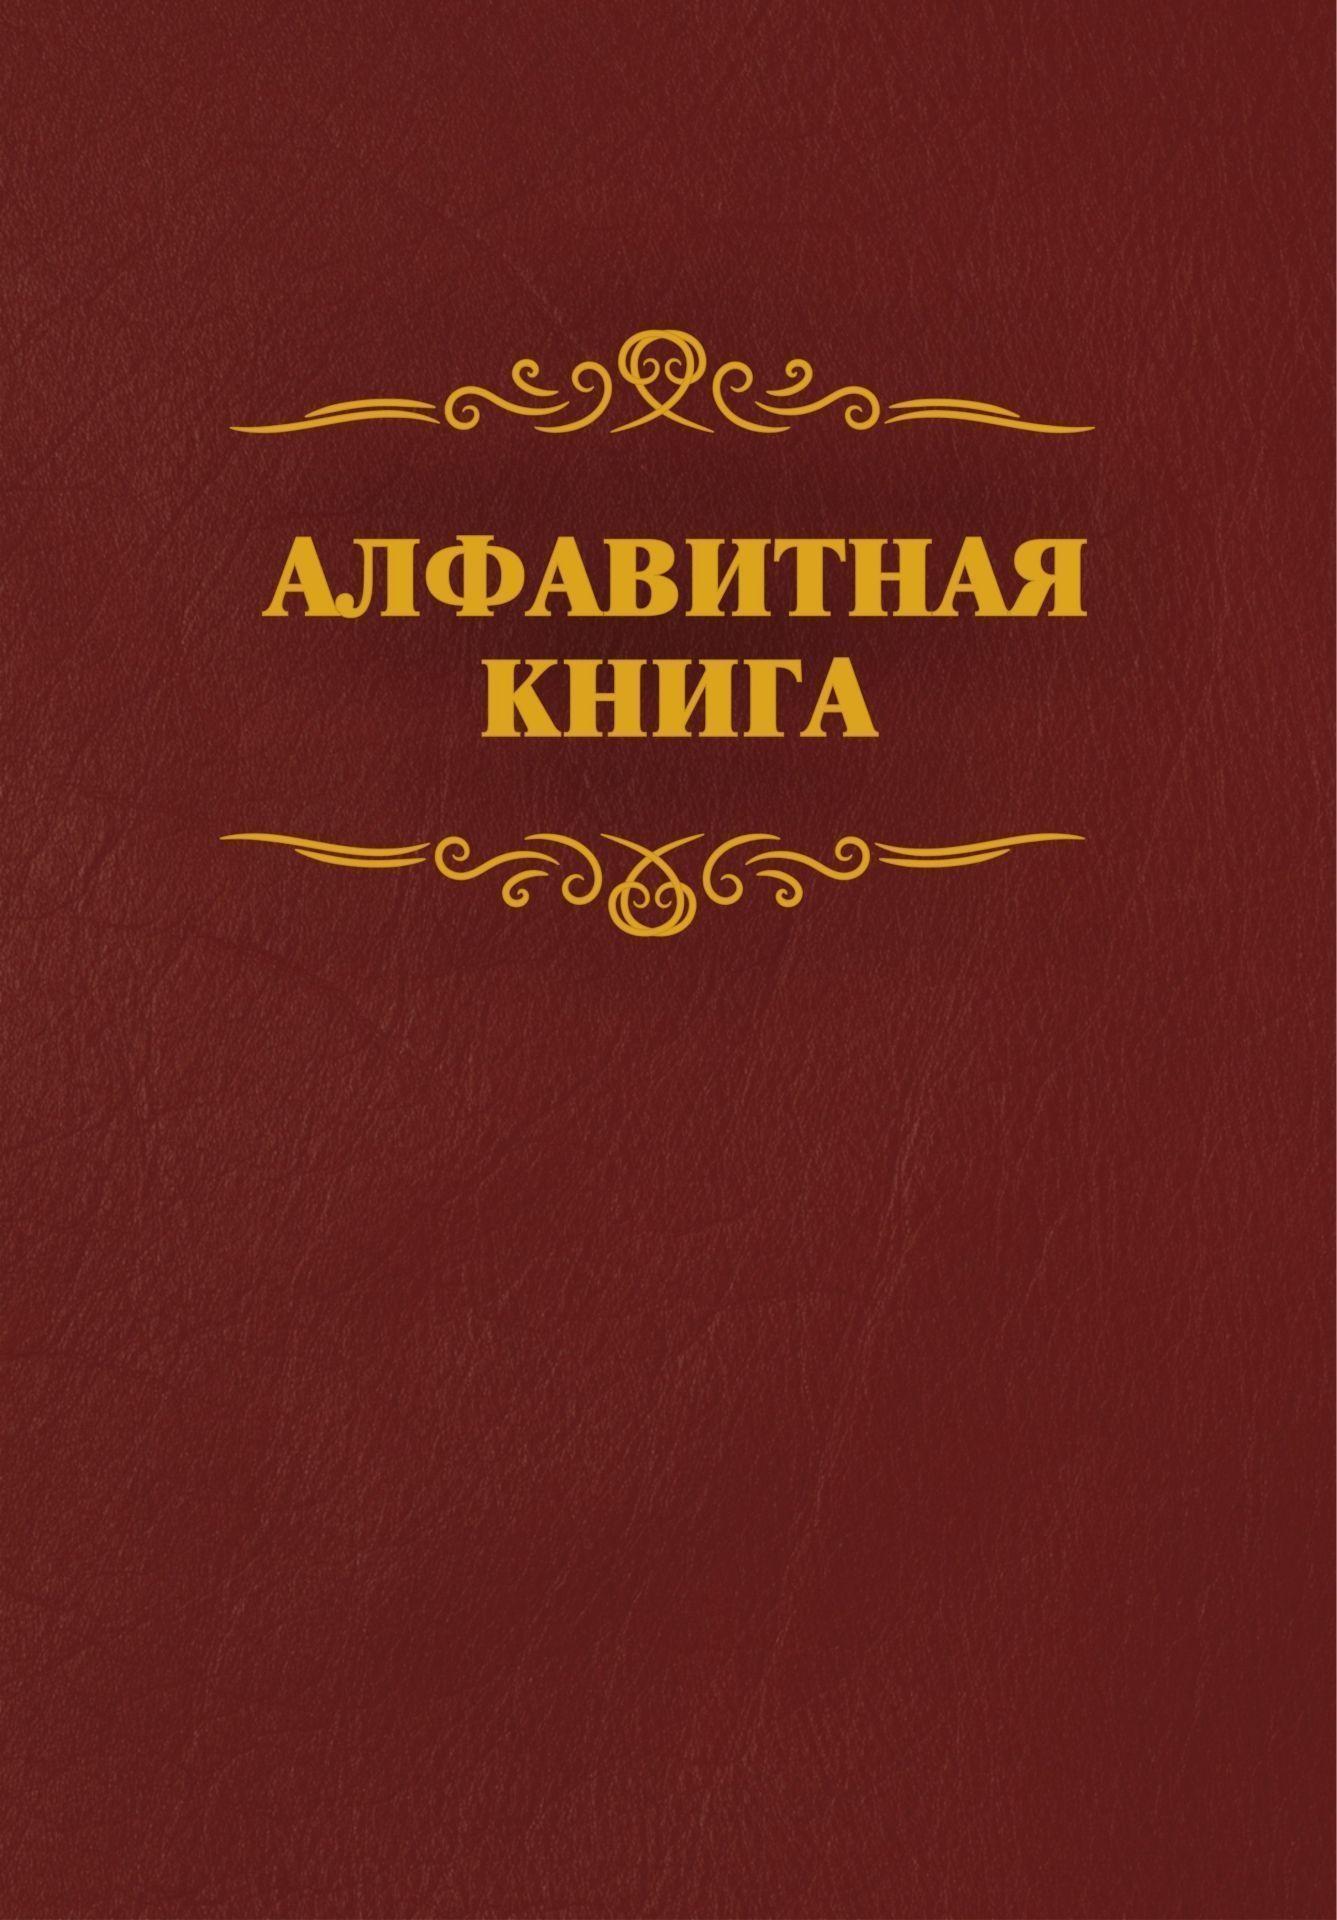 Алфавитная книга (с вырубкой алфавита)Формат А4<br>Материалы:на блок - бумага офсетная, пл. 70.00;на обложку - переплетный материал.<br><br>Год: 2018<br>Высота: 297<br>Ширина: 210<br>Толщина: 10<br>Переплёт: 7 Б